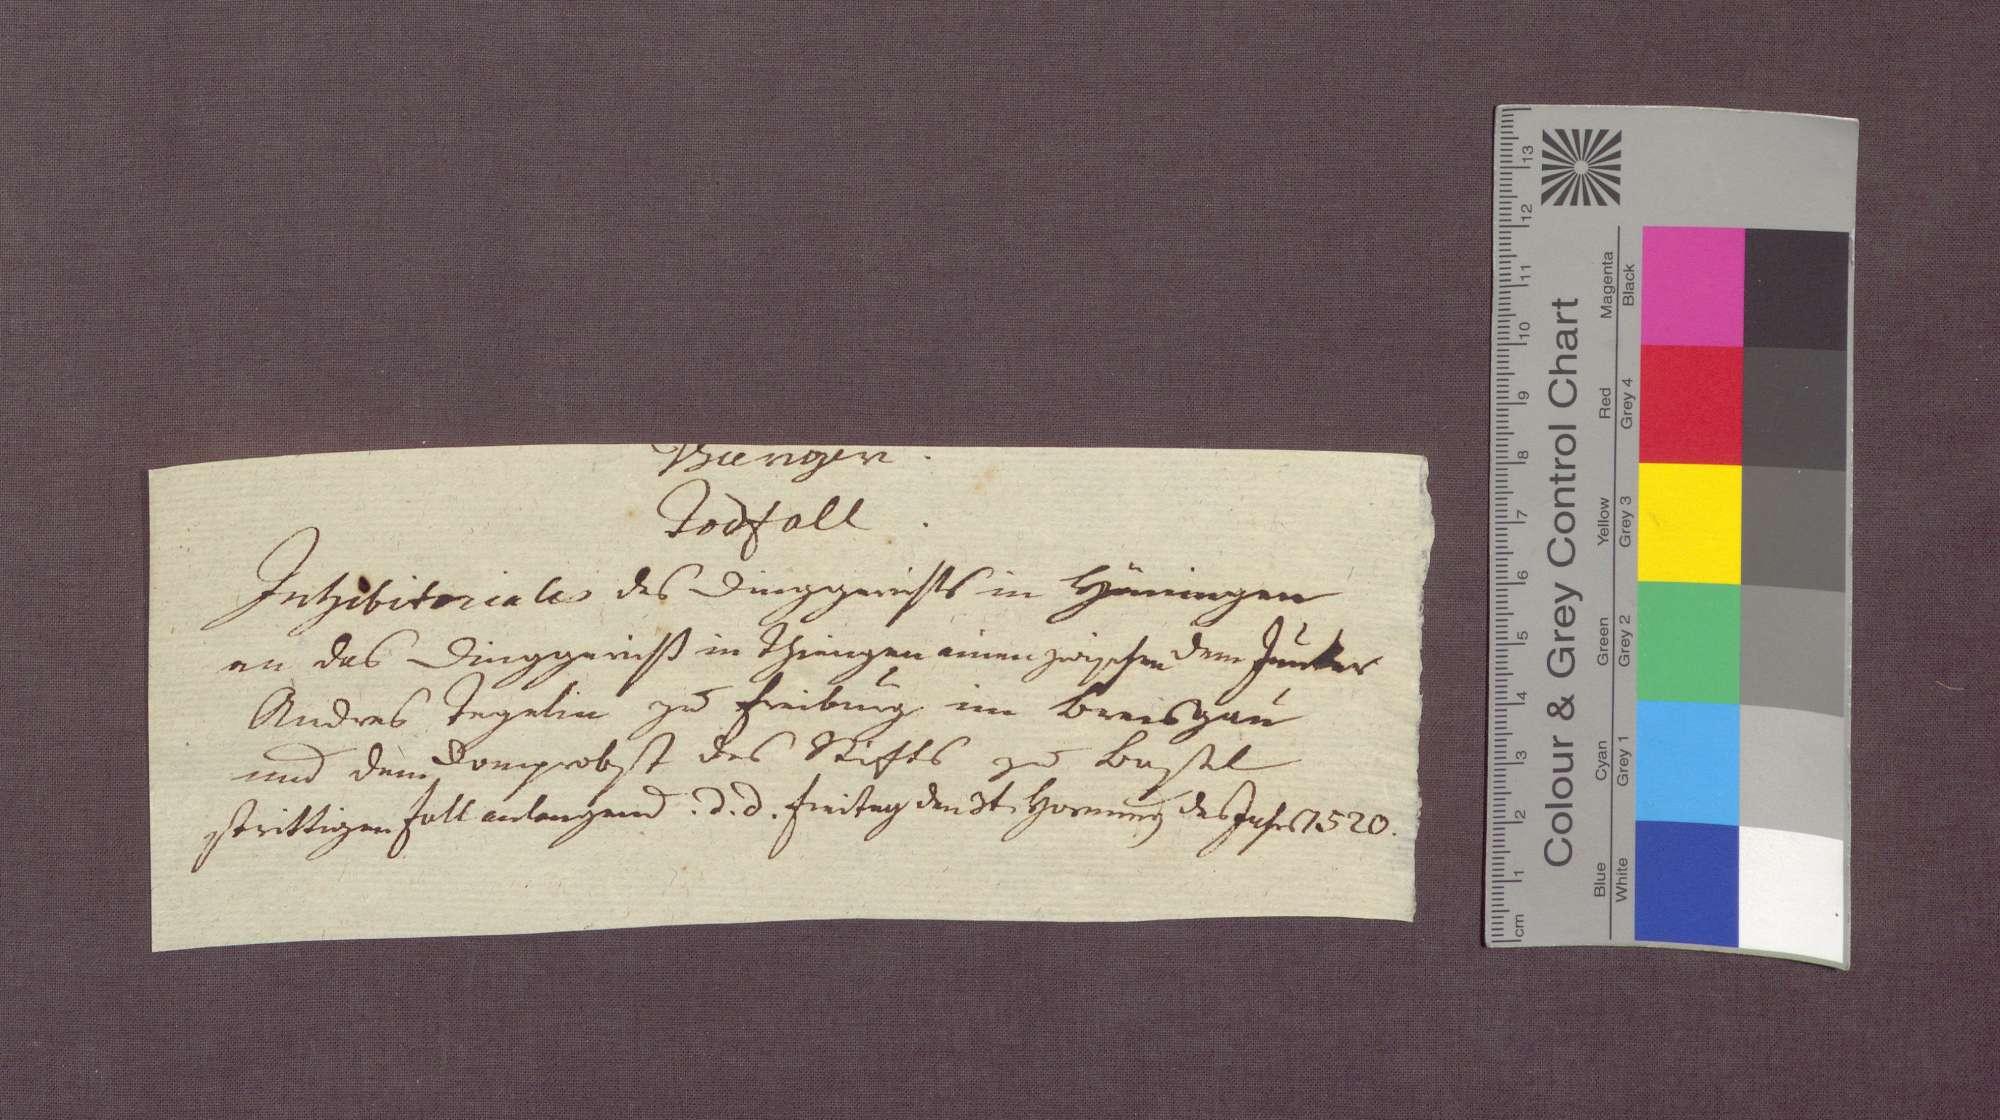 Das Gericht zu Hüningen verbietet dem Gericht zu Tiengen, in der Streitsache Andres Tegelins gegen die Basler Dompropstei wegen eines Falls, weitere Maßnahmen zu treffen., Bild 3